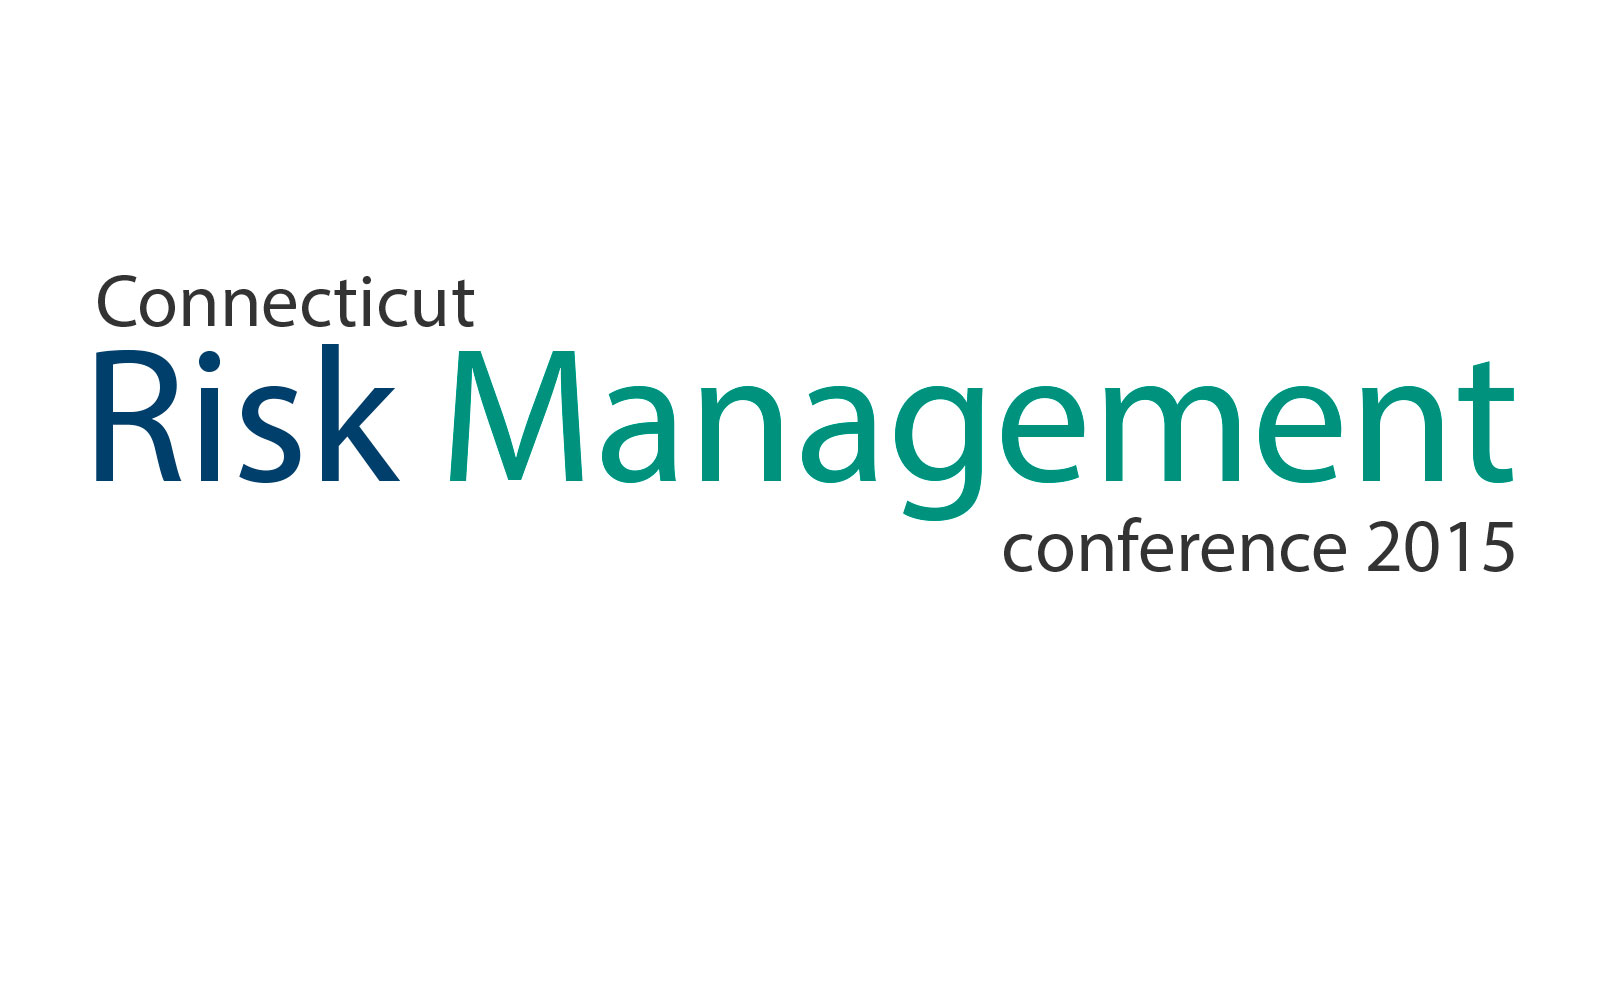 Connecticut Risk Management Conference